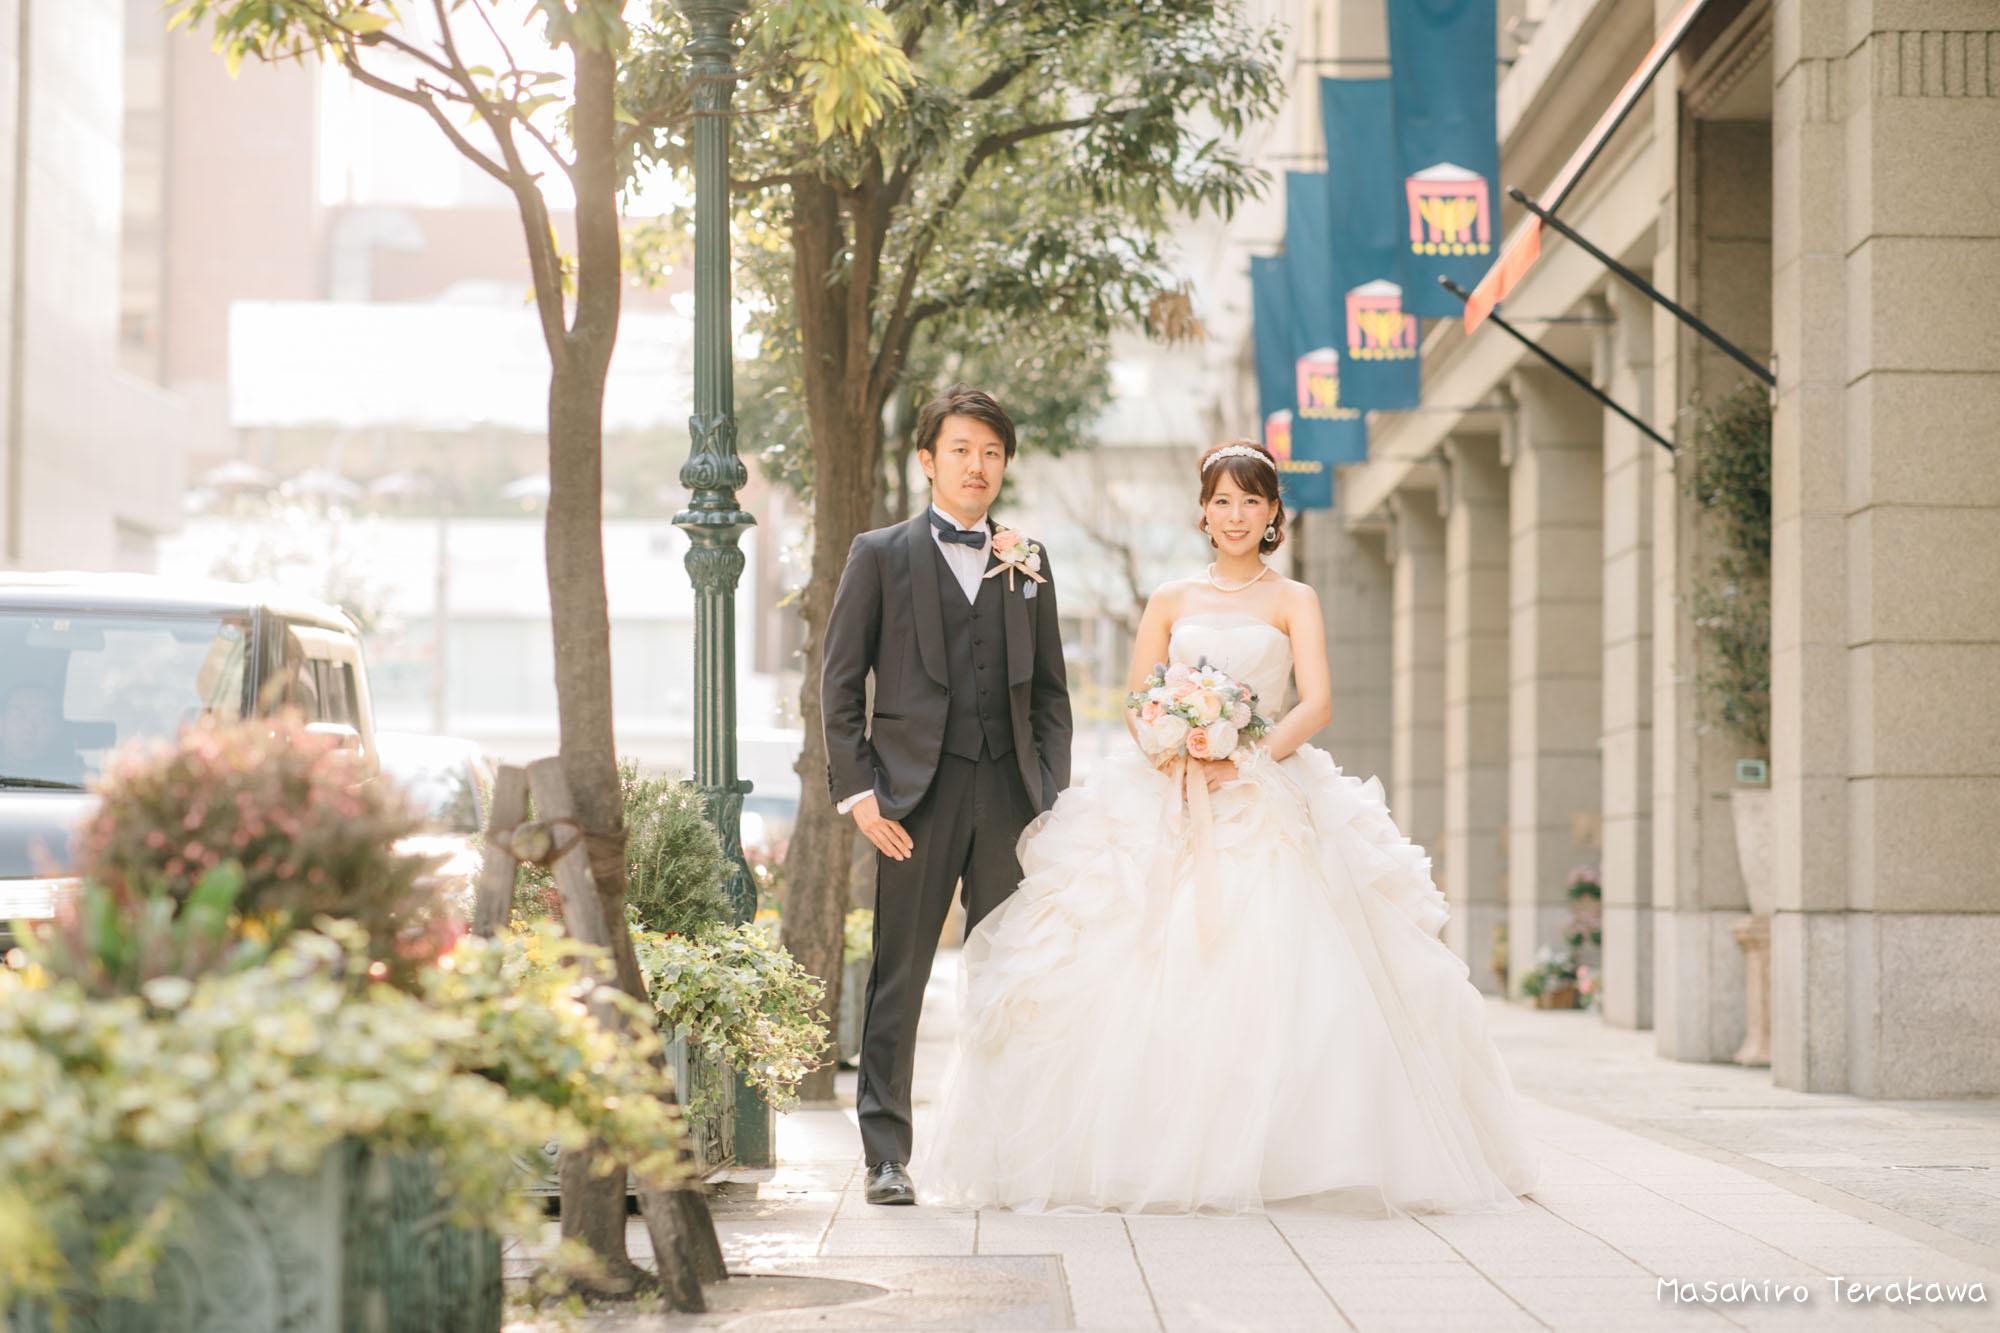 トリートドレッシングのウェディングドレスで結婚式前撮り10